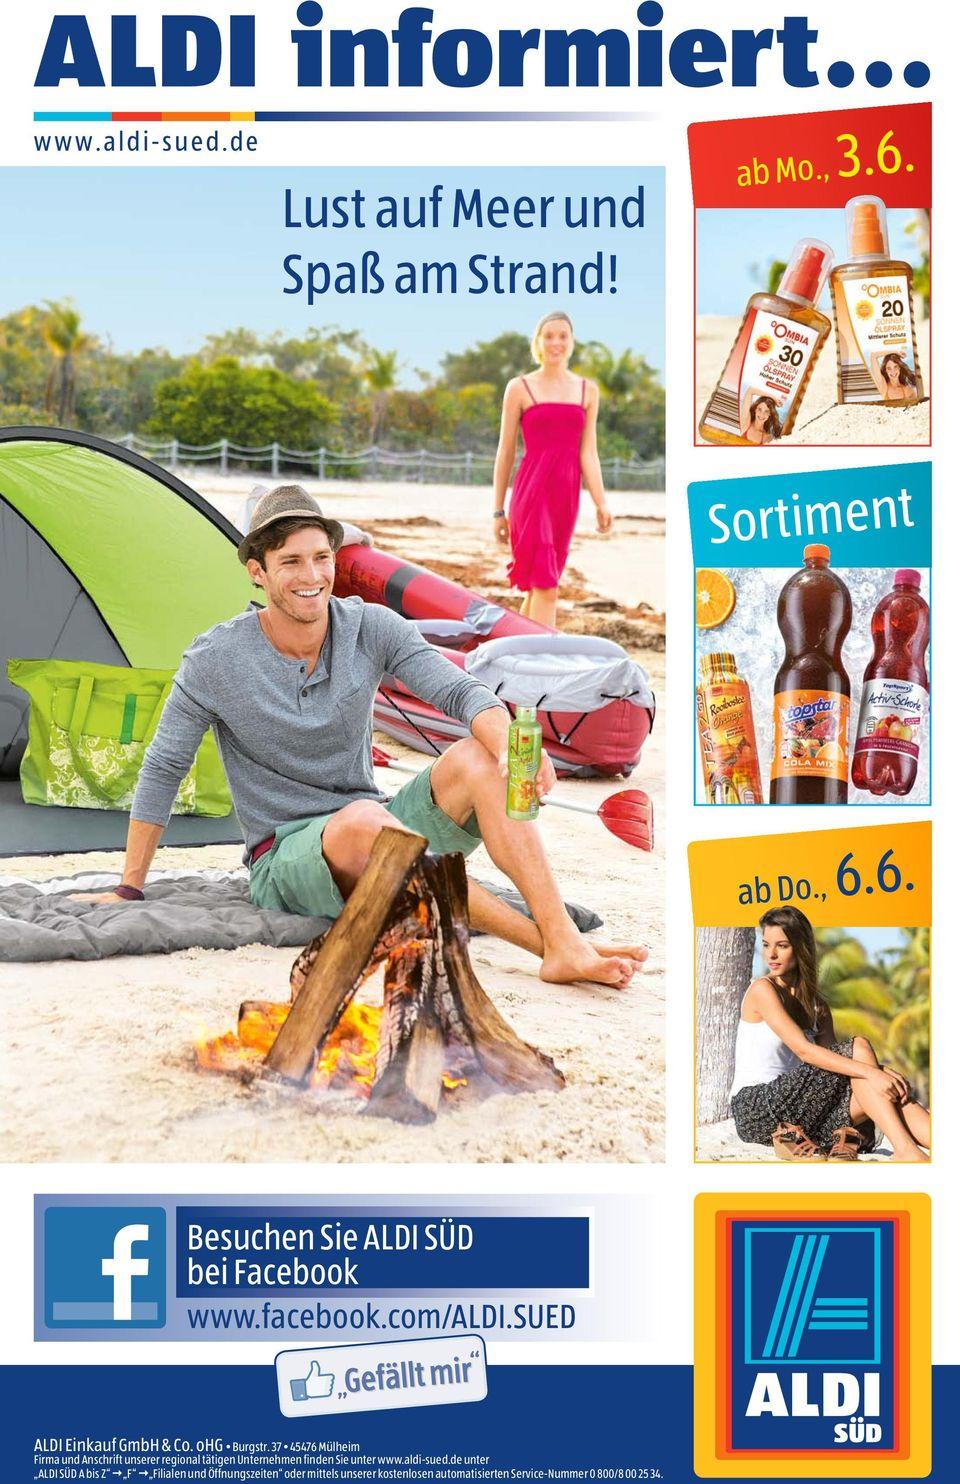 Full Size of Auf Meer Und Spa Am Strand Sortiment Ab Mo Liegestuhl Garten Relaxsessel Aldi Wohnzimmer Liegestuhl Aldi